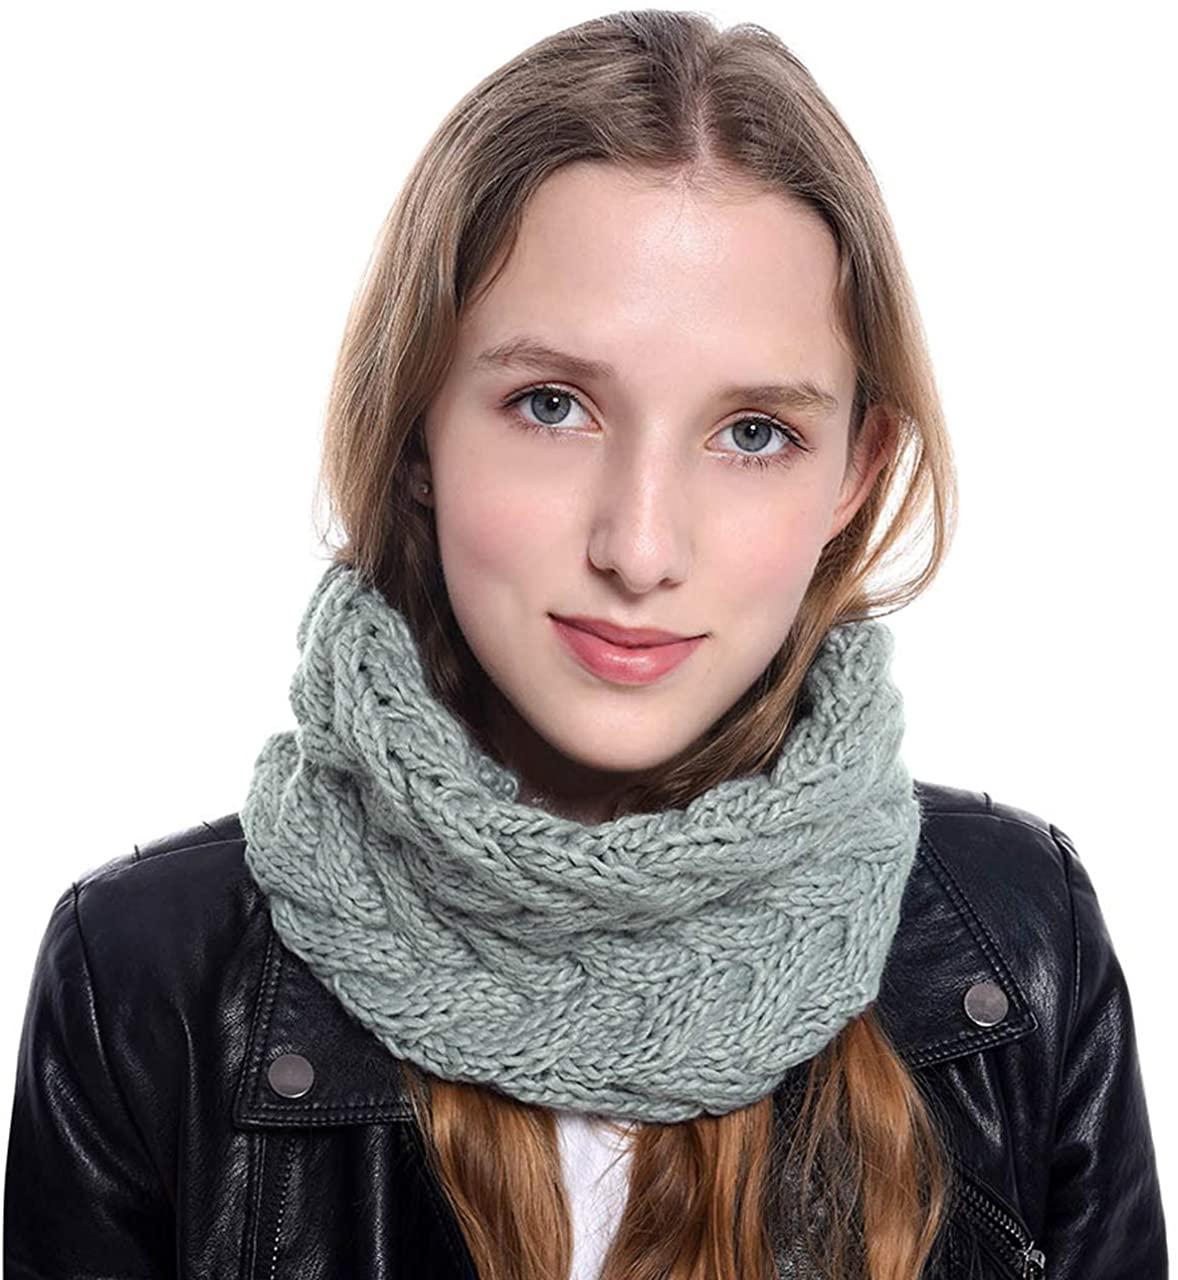 Ayliss Women Infinity Scarf Winter Knit Neck Warmer Loop Scarf